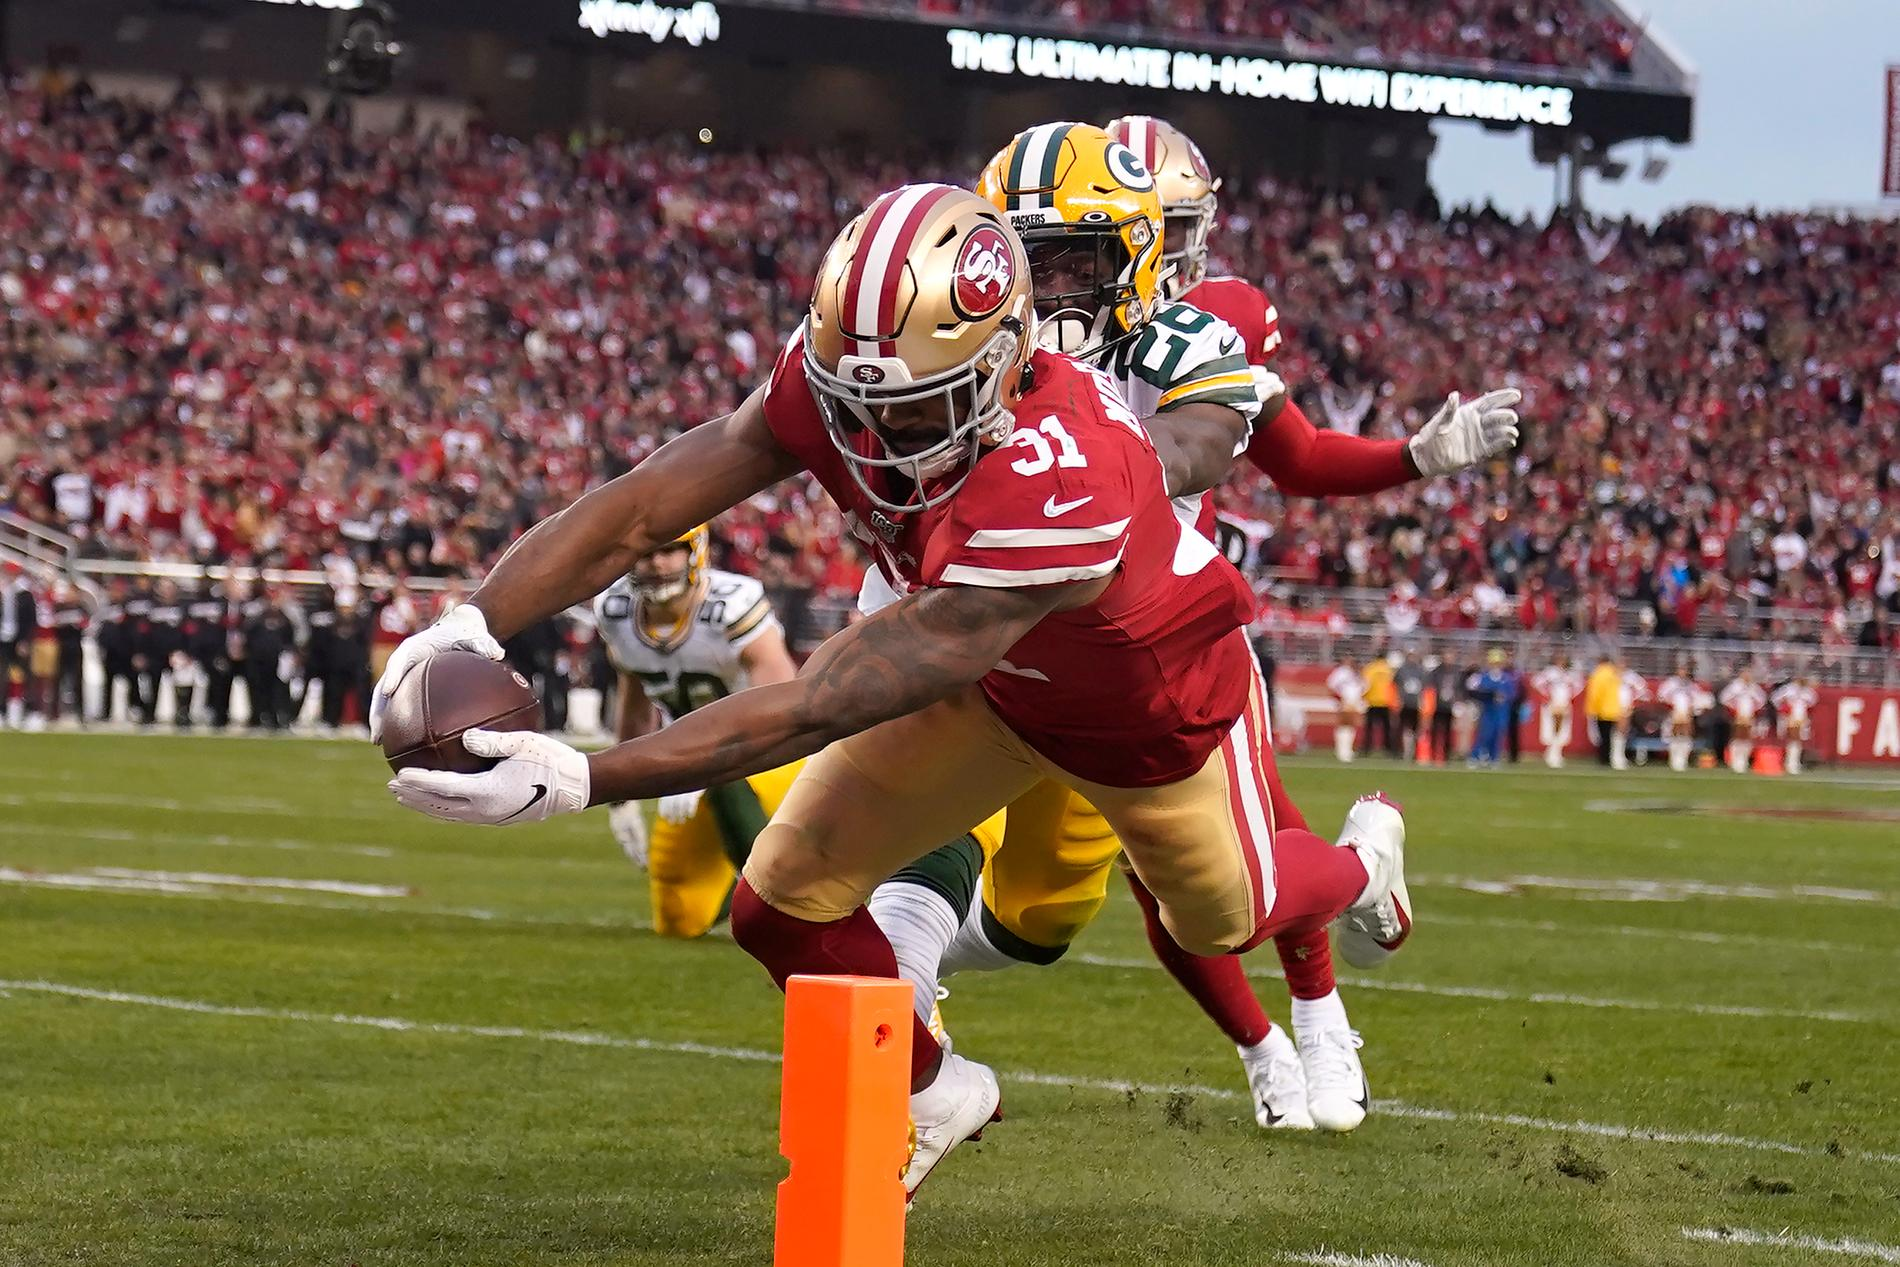 Raheem Mostert gör en av sina fyra (!) touchdowns i segern mot Green Bay Packers.